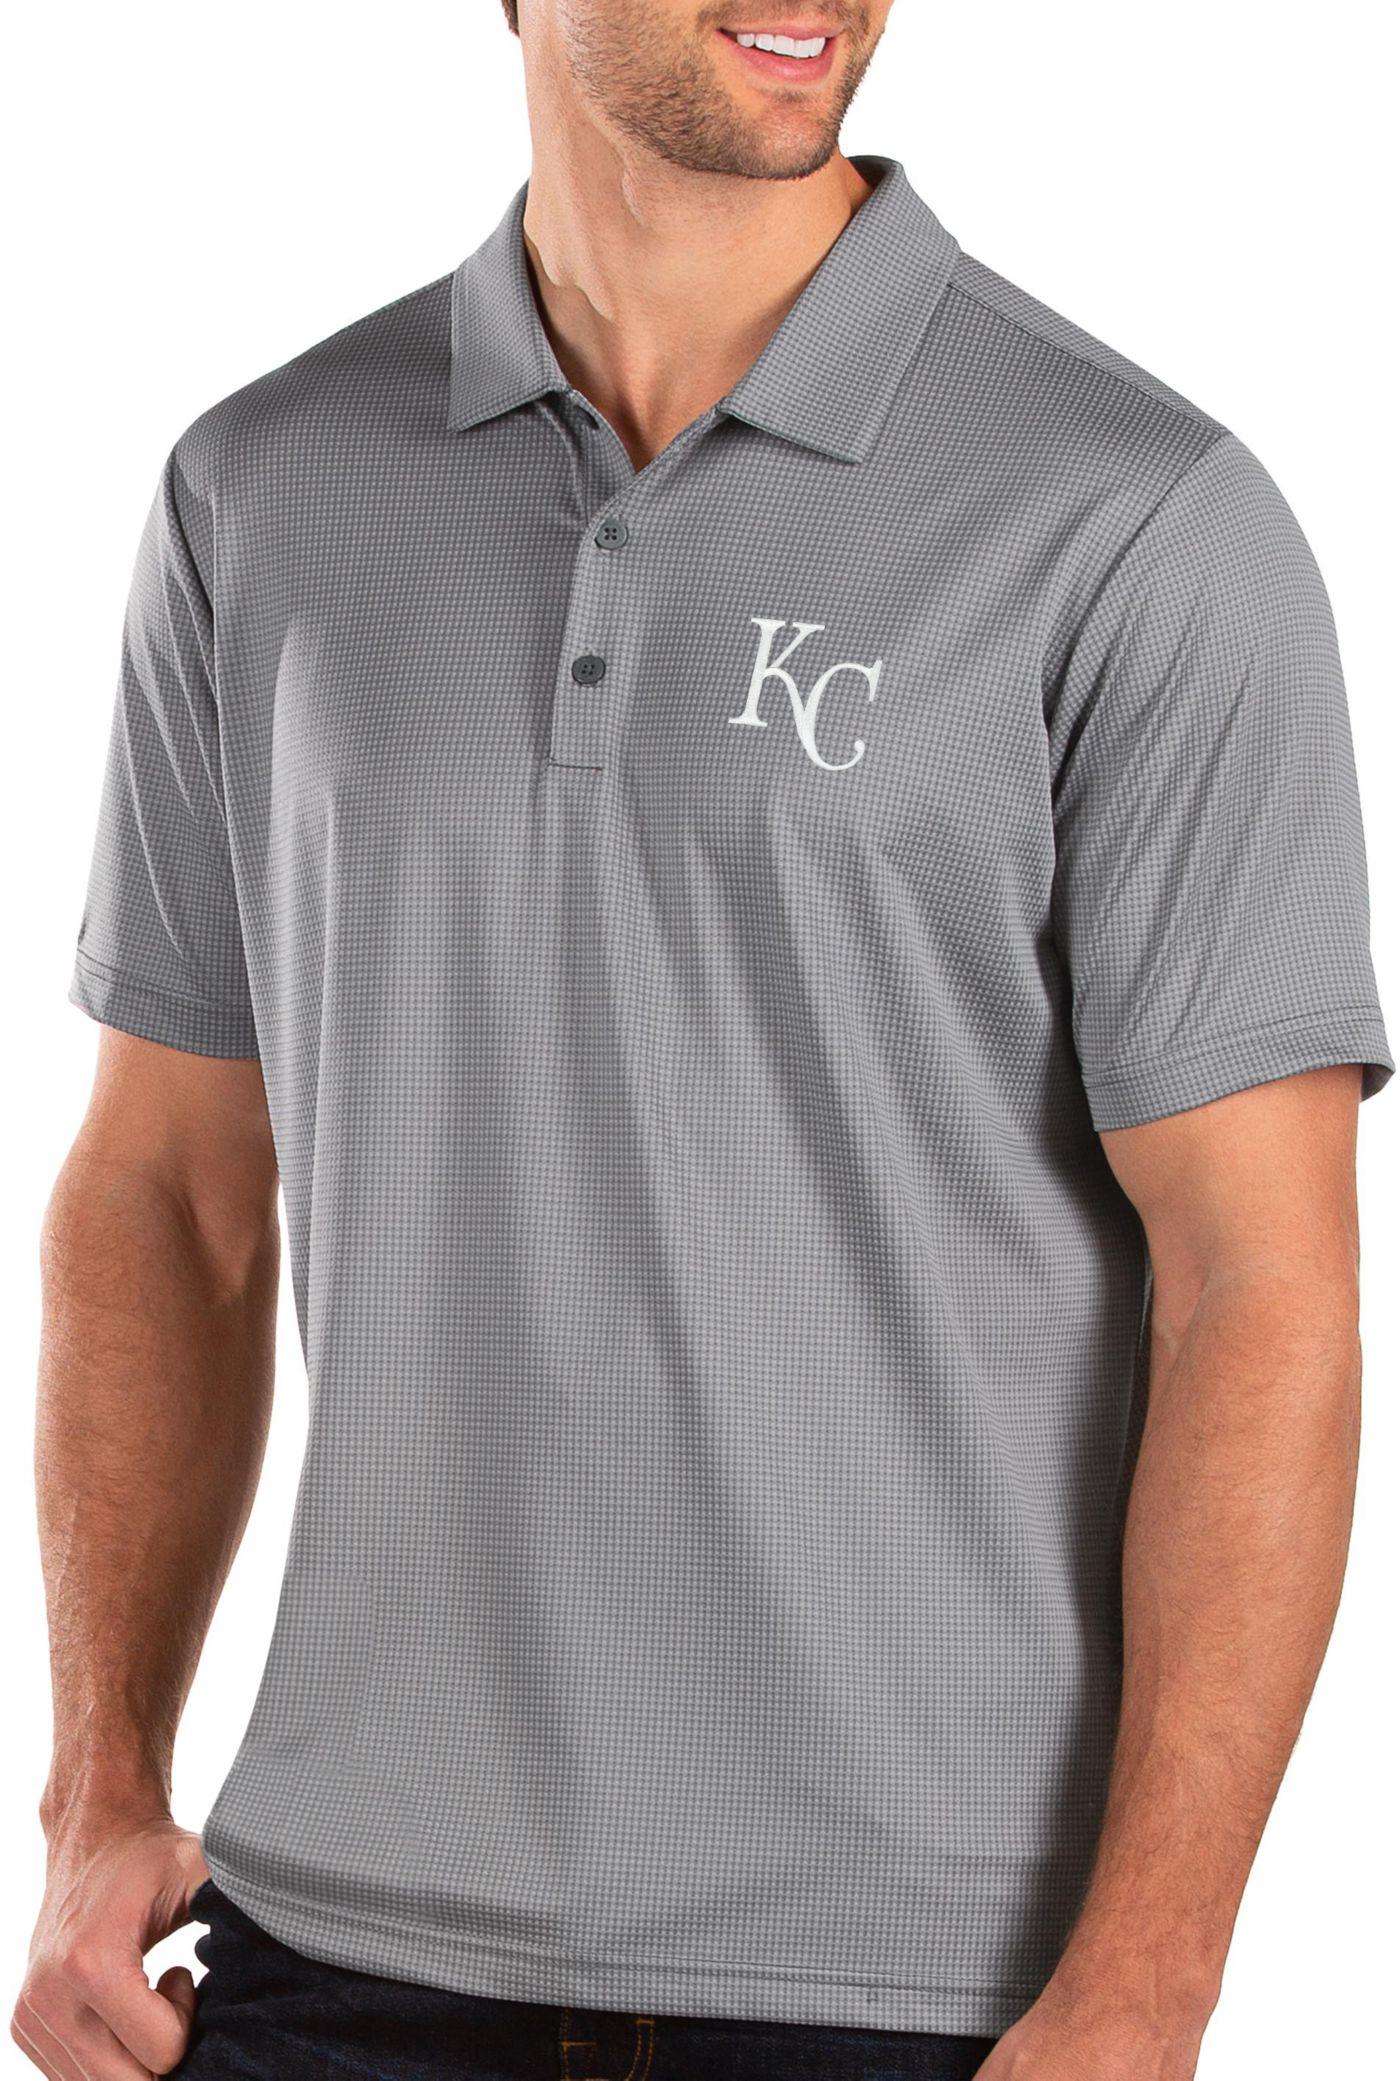 Antigua Men's Kansas City Royals Grey Balance Polo